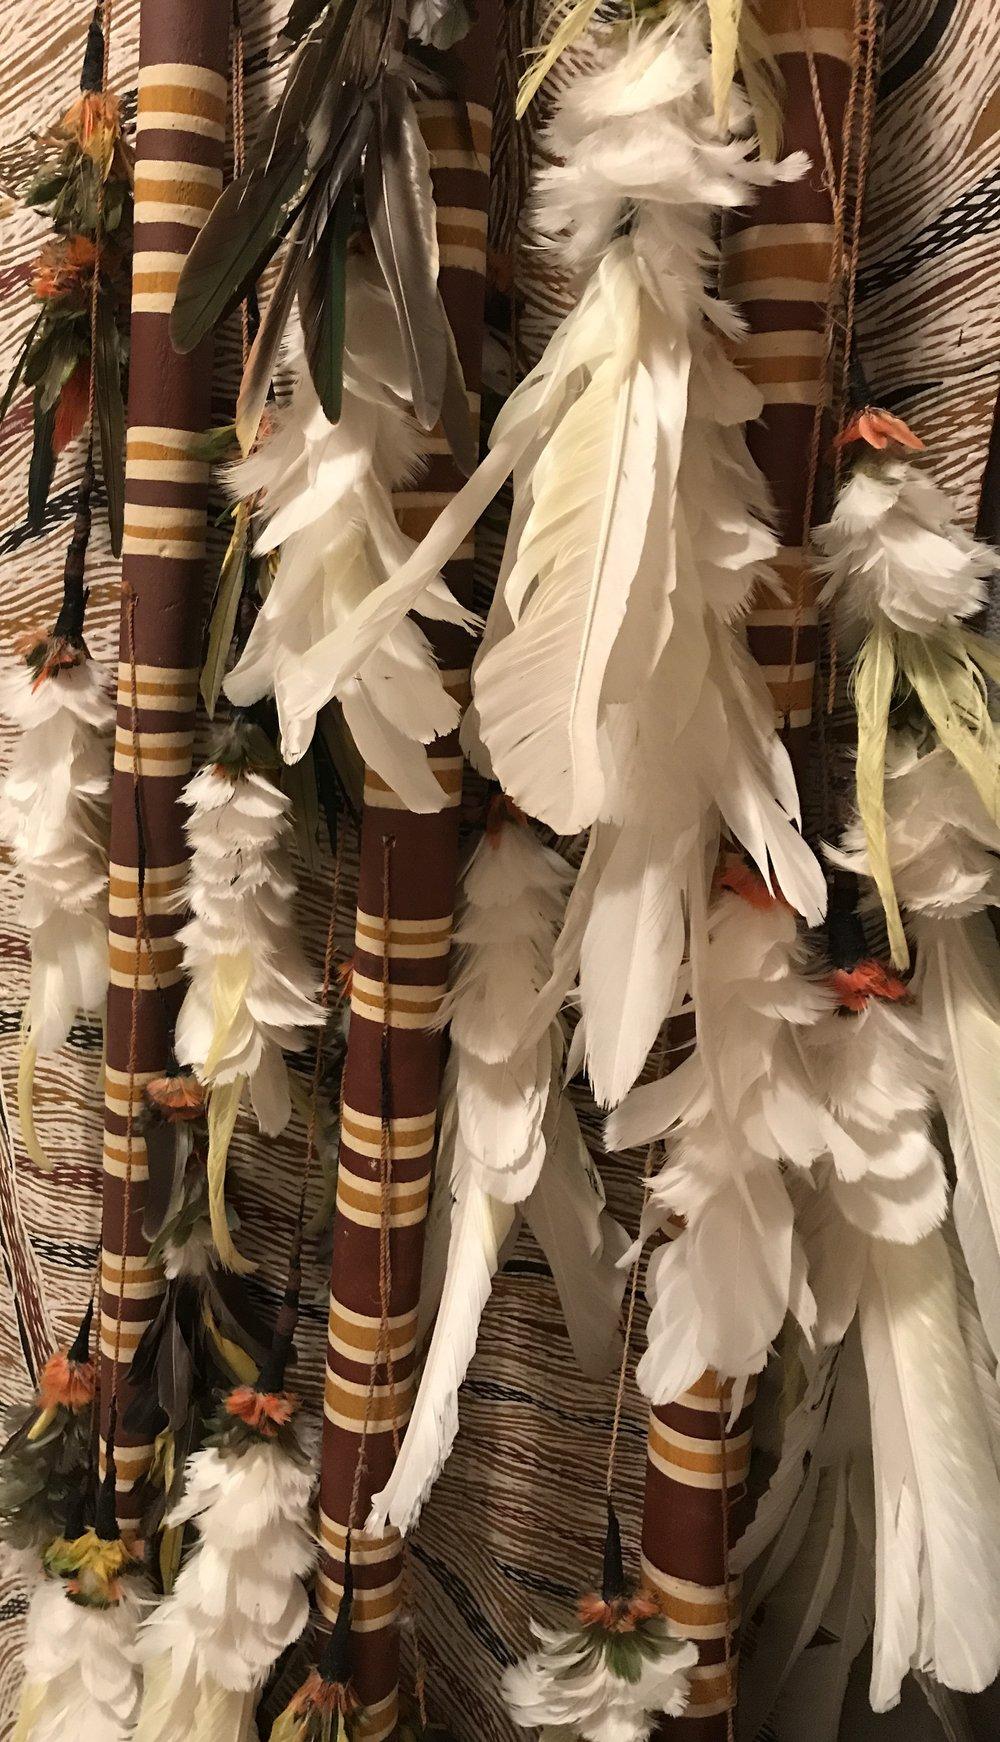 GALI YALKARRIWUY GURRUWIWI  1. Morning Star Pole (2207) 74 x 1 1/2 x 1 1/2 inches, Ochre, feathers, bush string & wax on wood  2. Morning Star Pole (2206) 77 x 1 1/2 x 1 1/2 inches, Ochre, feathers, bush string & wax on wood  3. Morning Star Pole (2208) 77 x 1 1/2 x 1 1/2 inches, Ochre, feathers, bush string & wax on wood   EMAIL INQUIRY